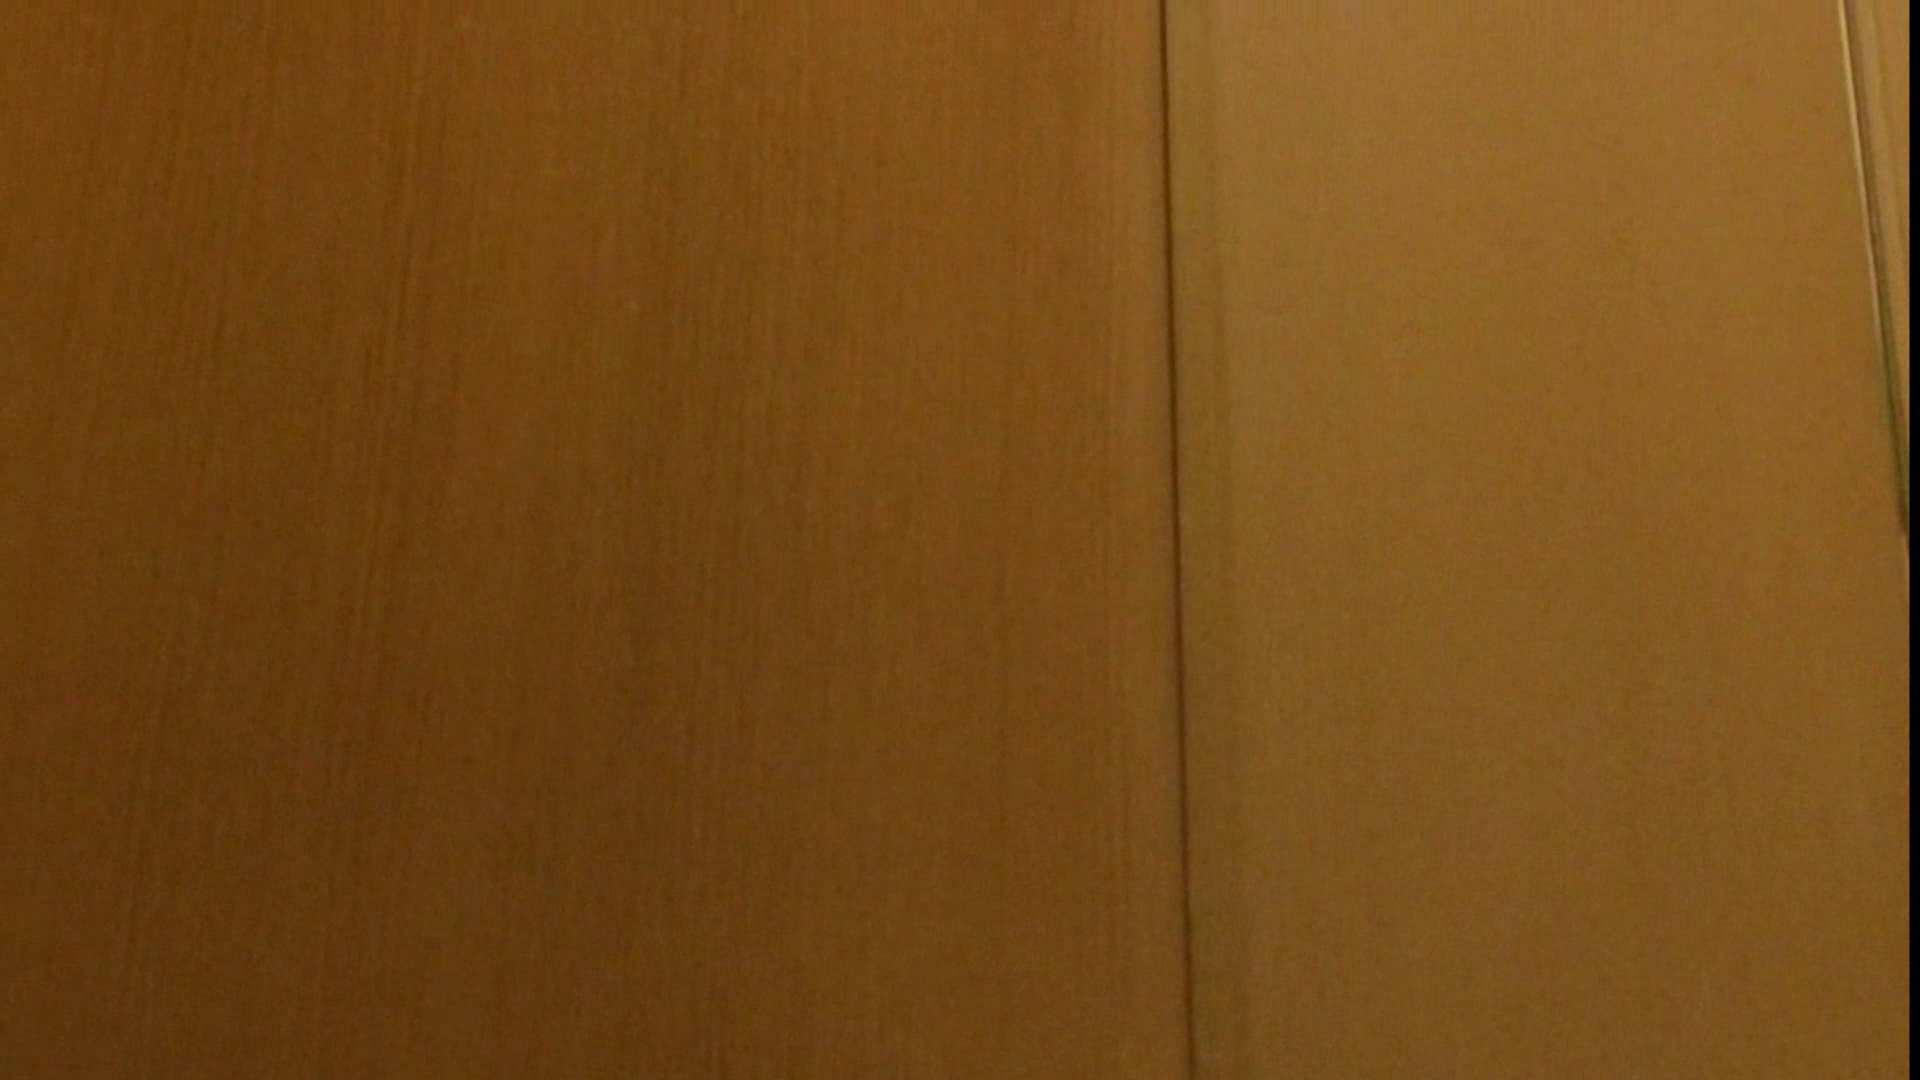 「噂」の国の厠観察日記2 Vol.14 厠 盗み撮りオマンコ動画キャプチャ 61画像 59